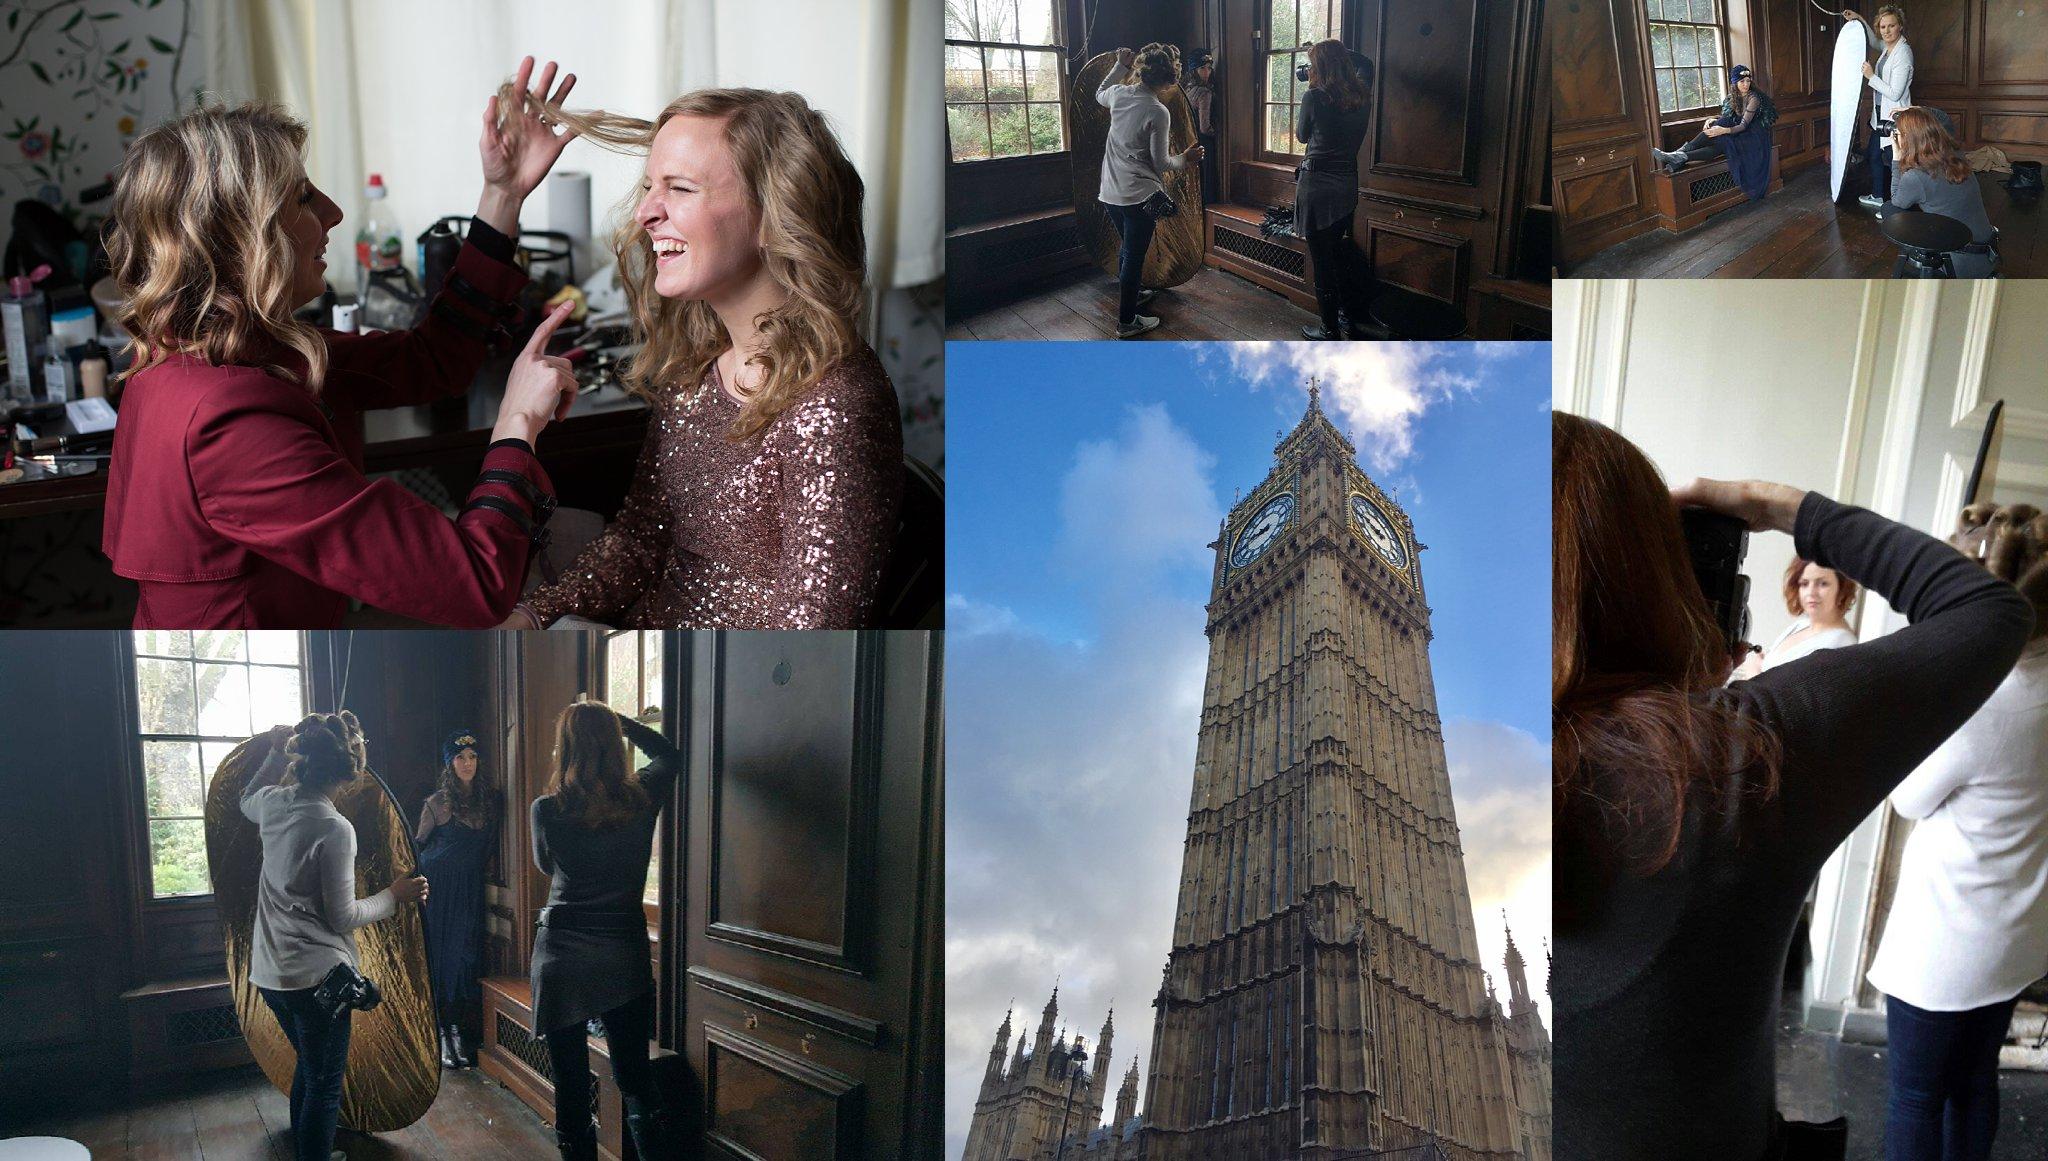 London Destination Photo Shoots